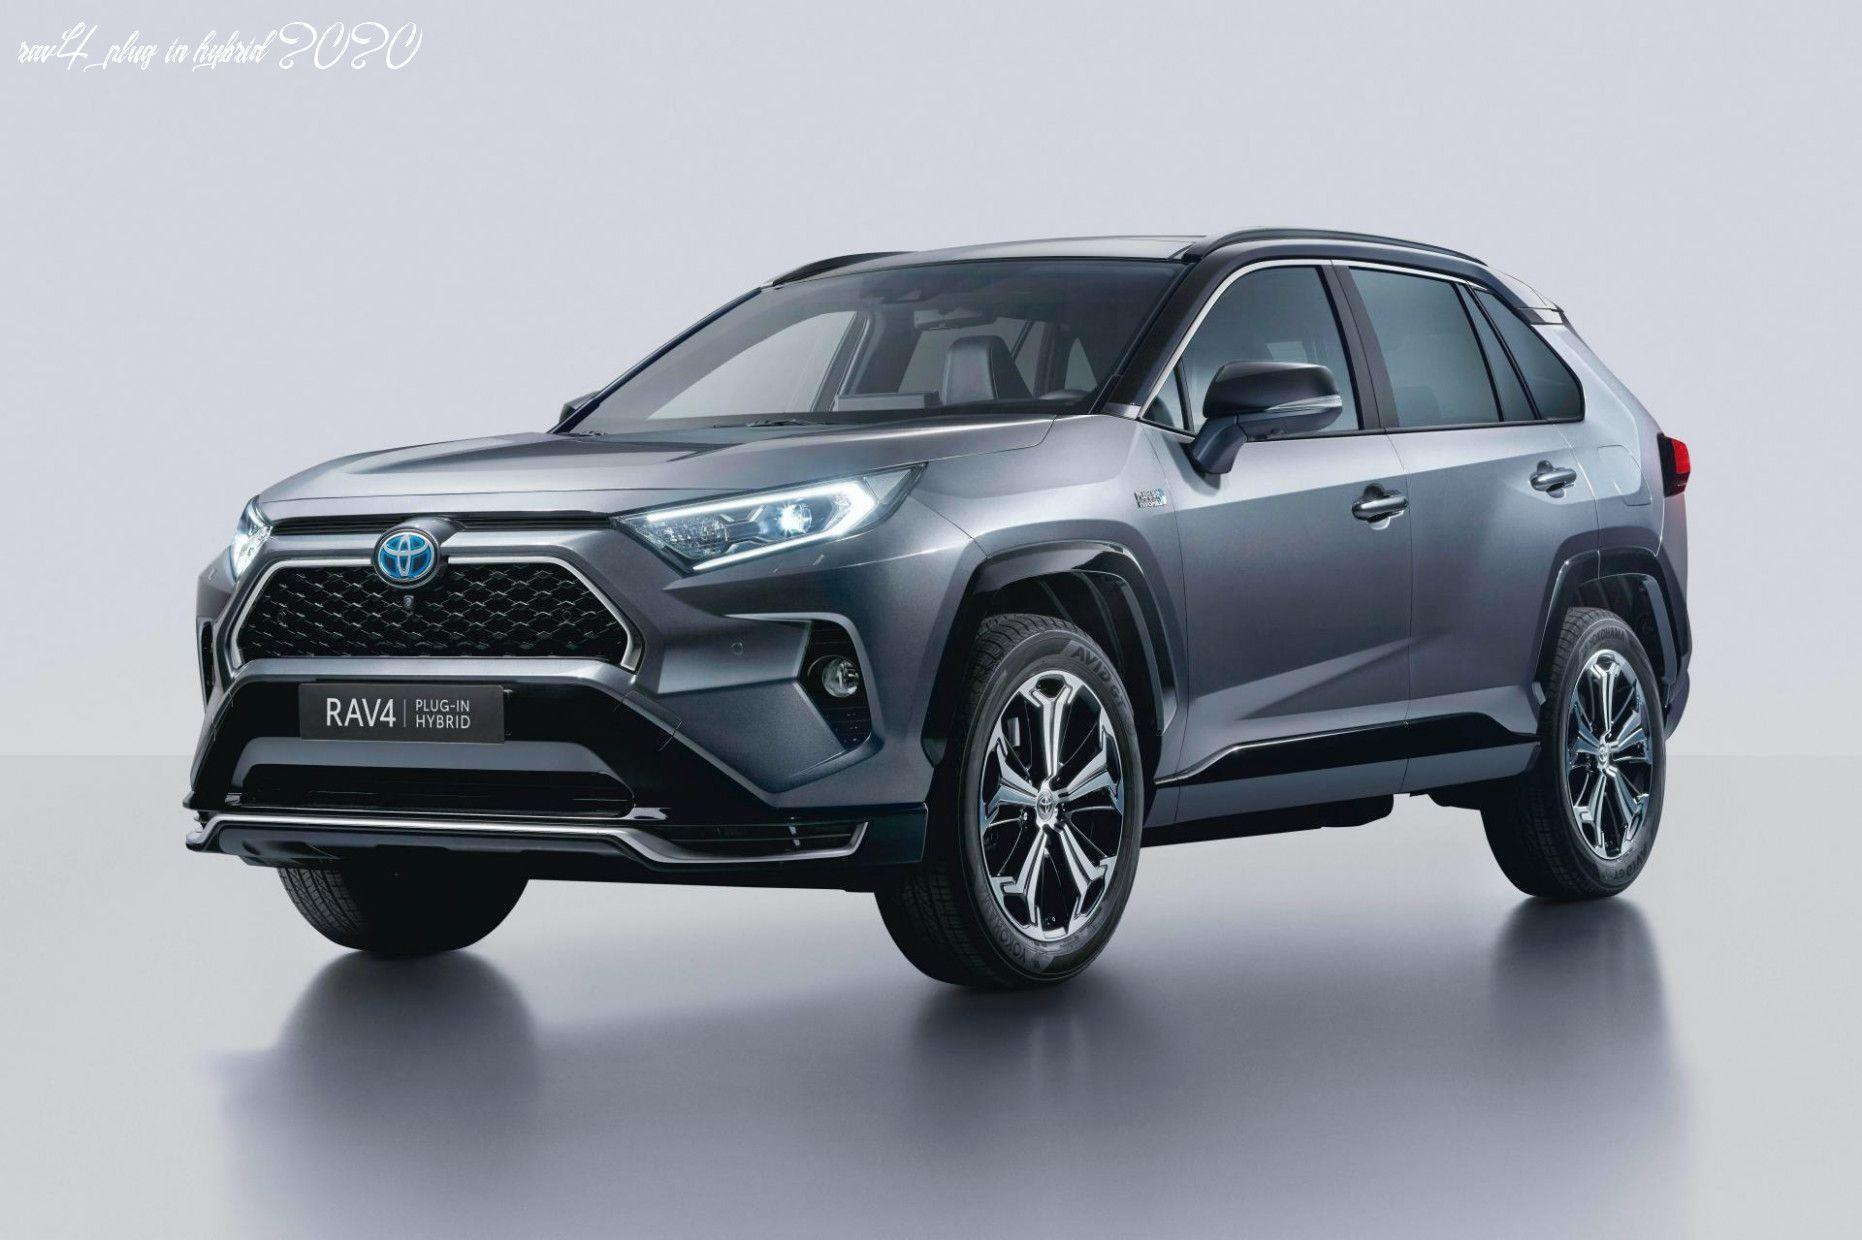 Rav4 Plug In Hybrid 2020 In 2020 Toyota Rav4 Hybrid Toyota Rav4 Toyota